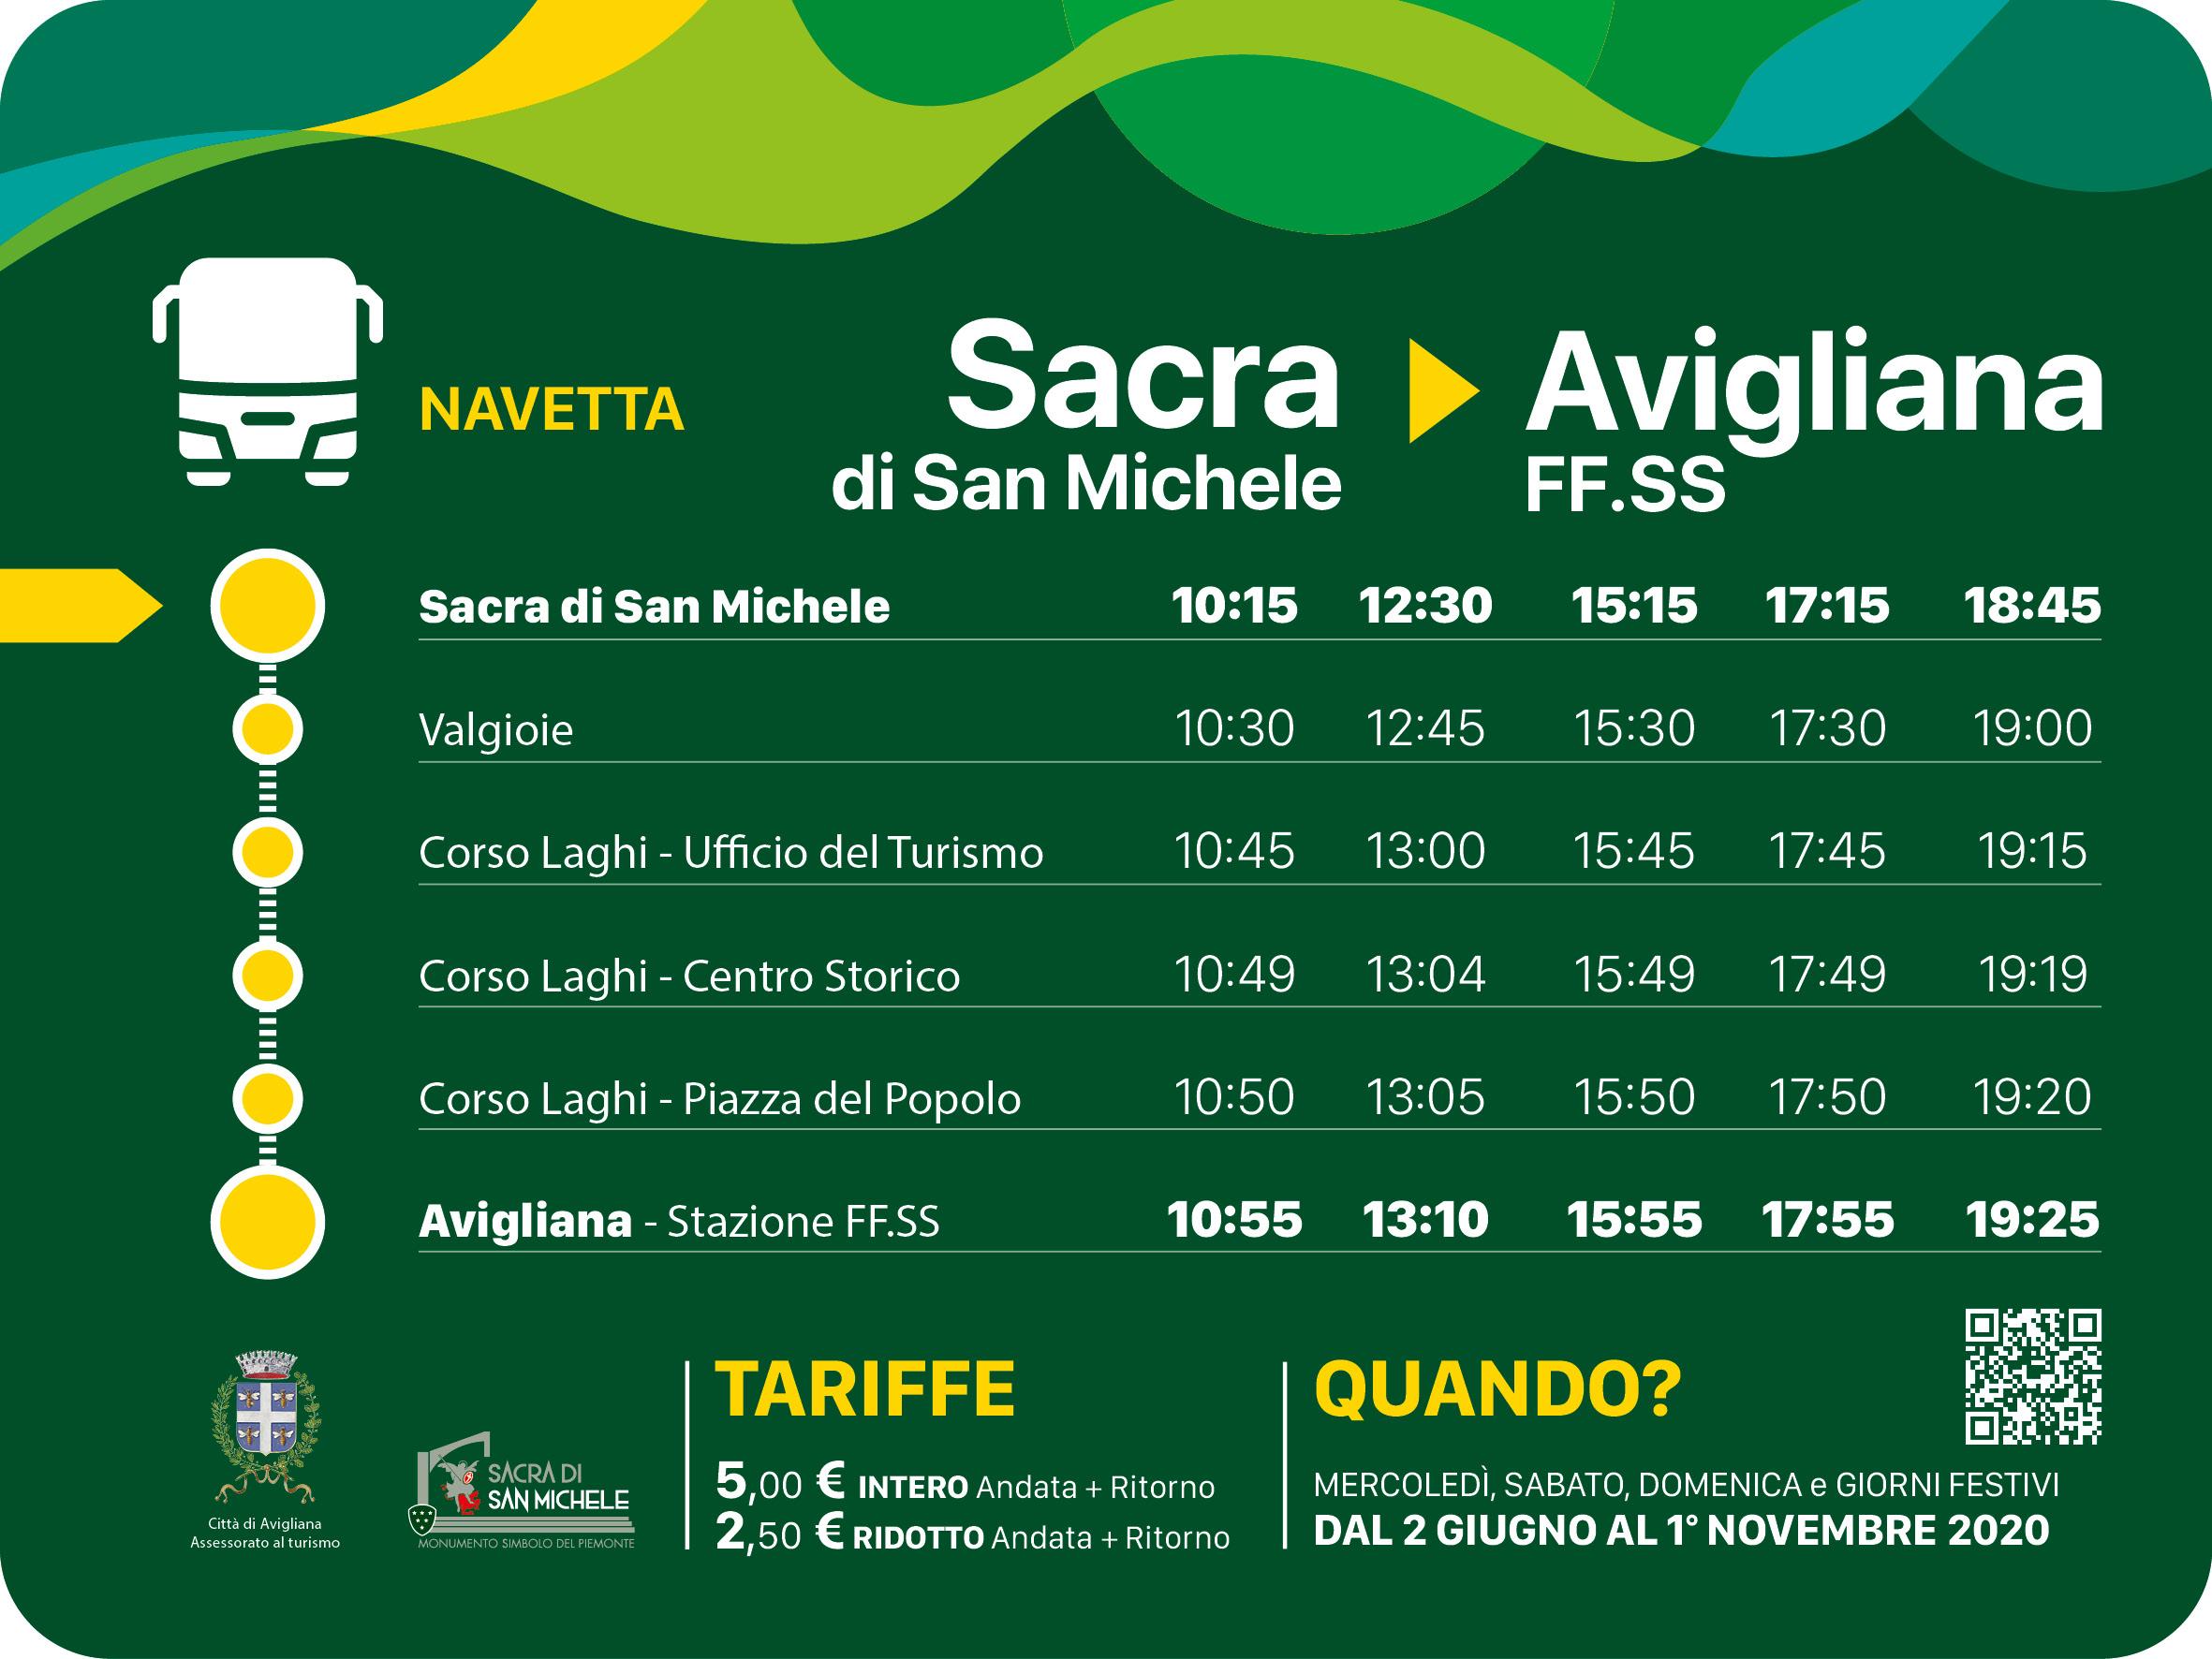 Sacra-Avigliana-Def